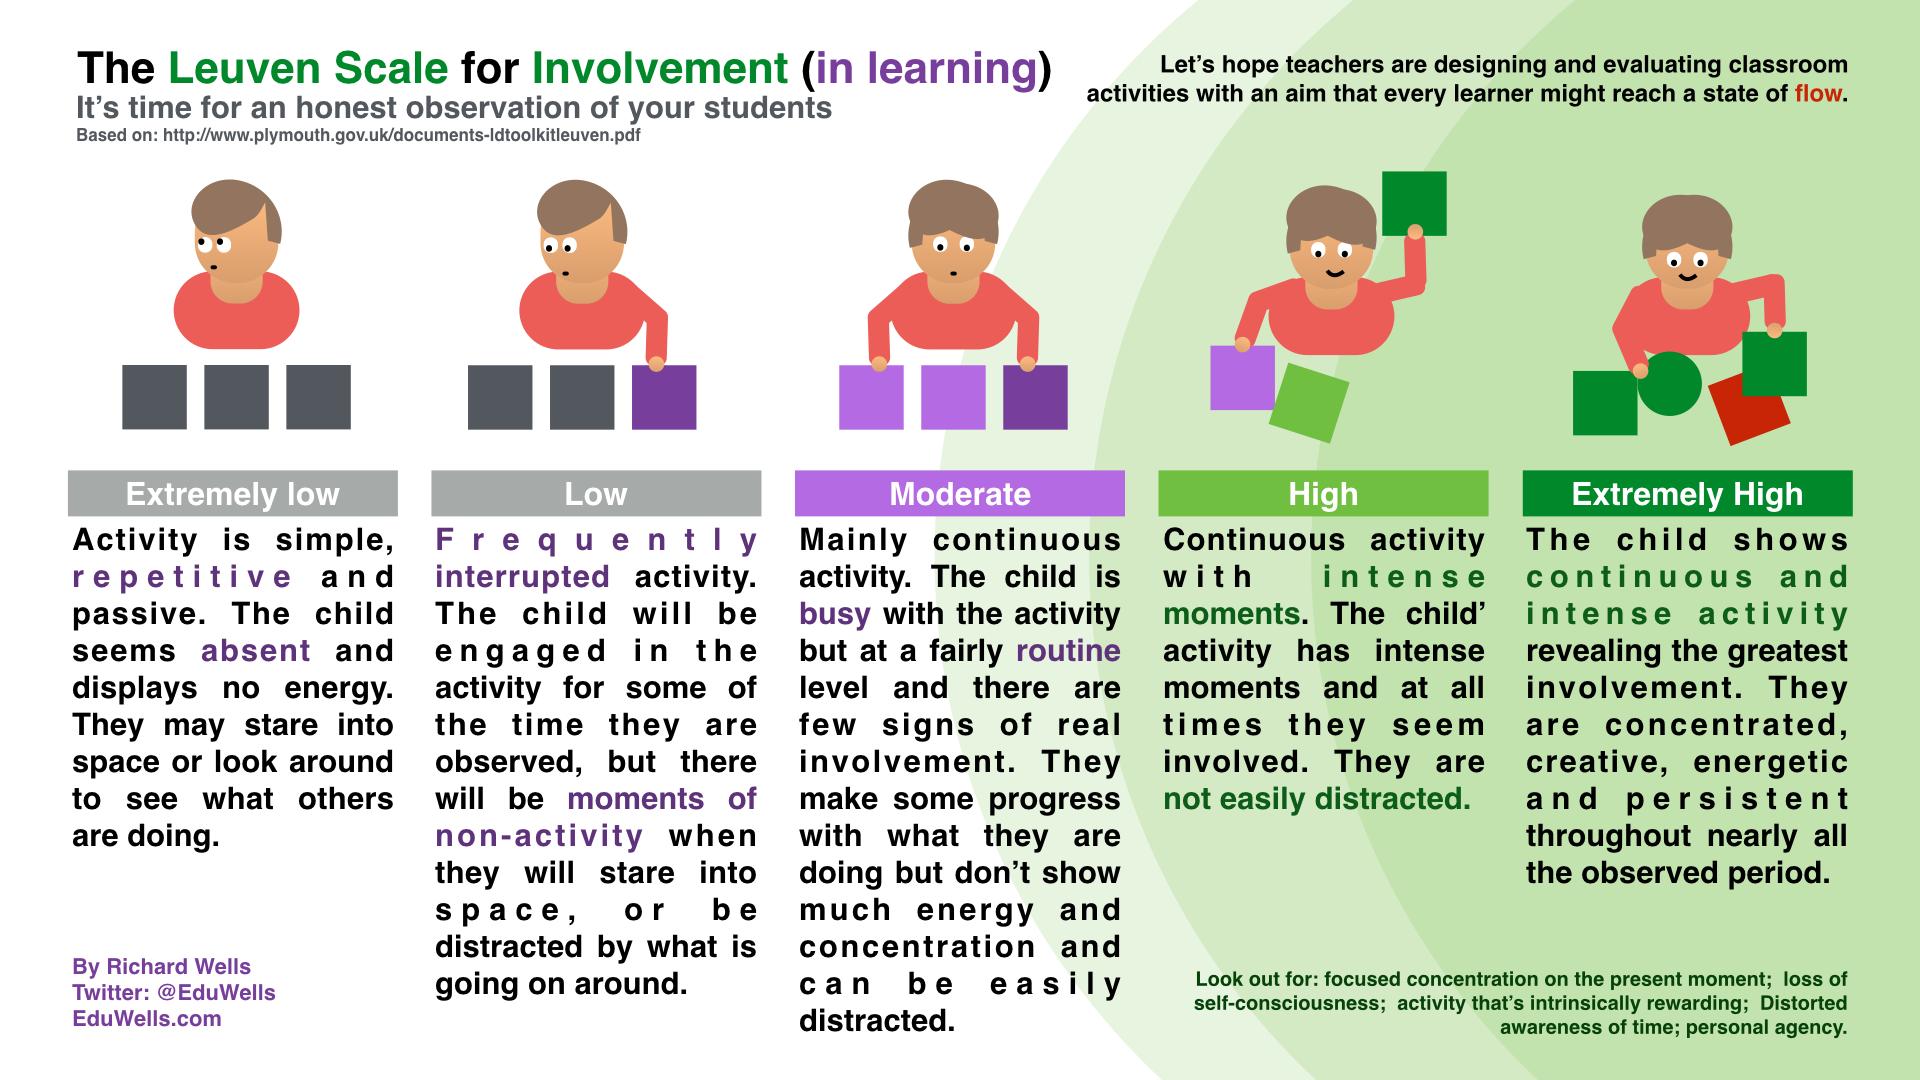 Involvement and Flow - @EduWells